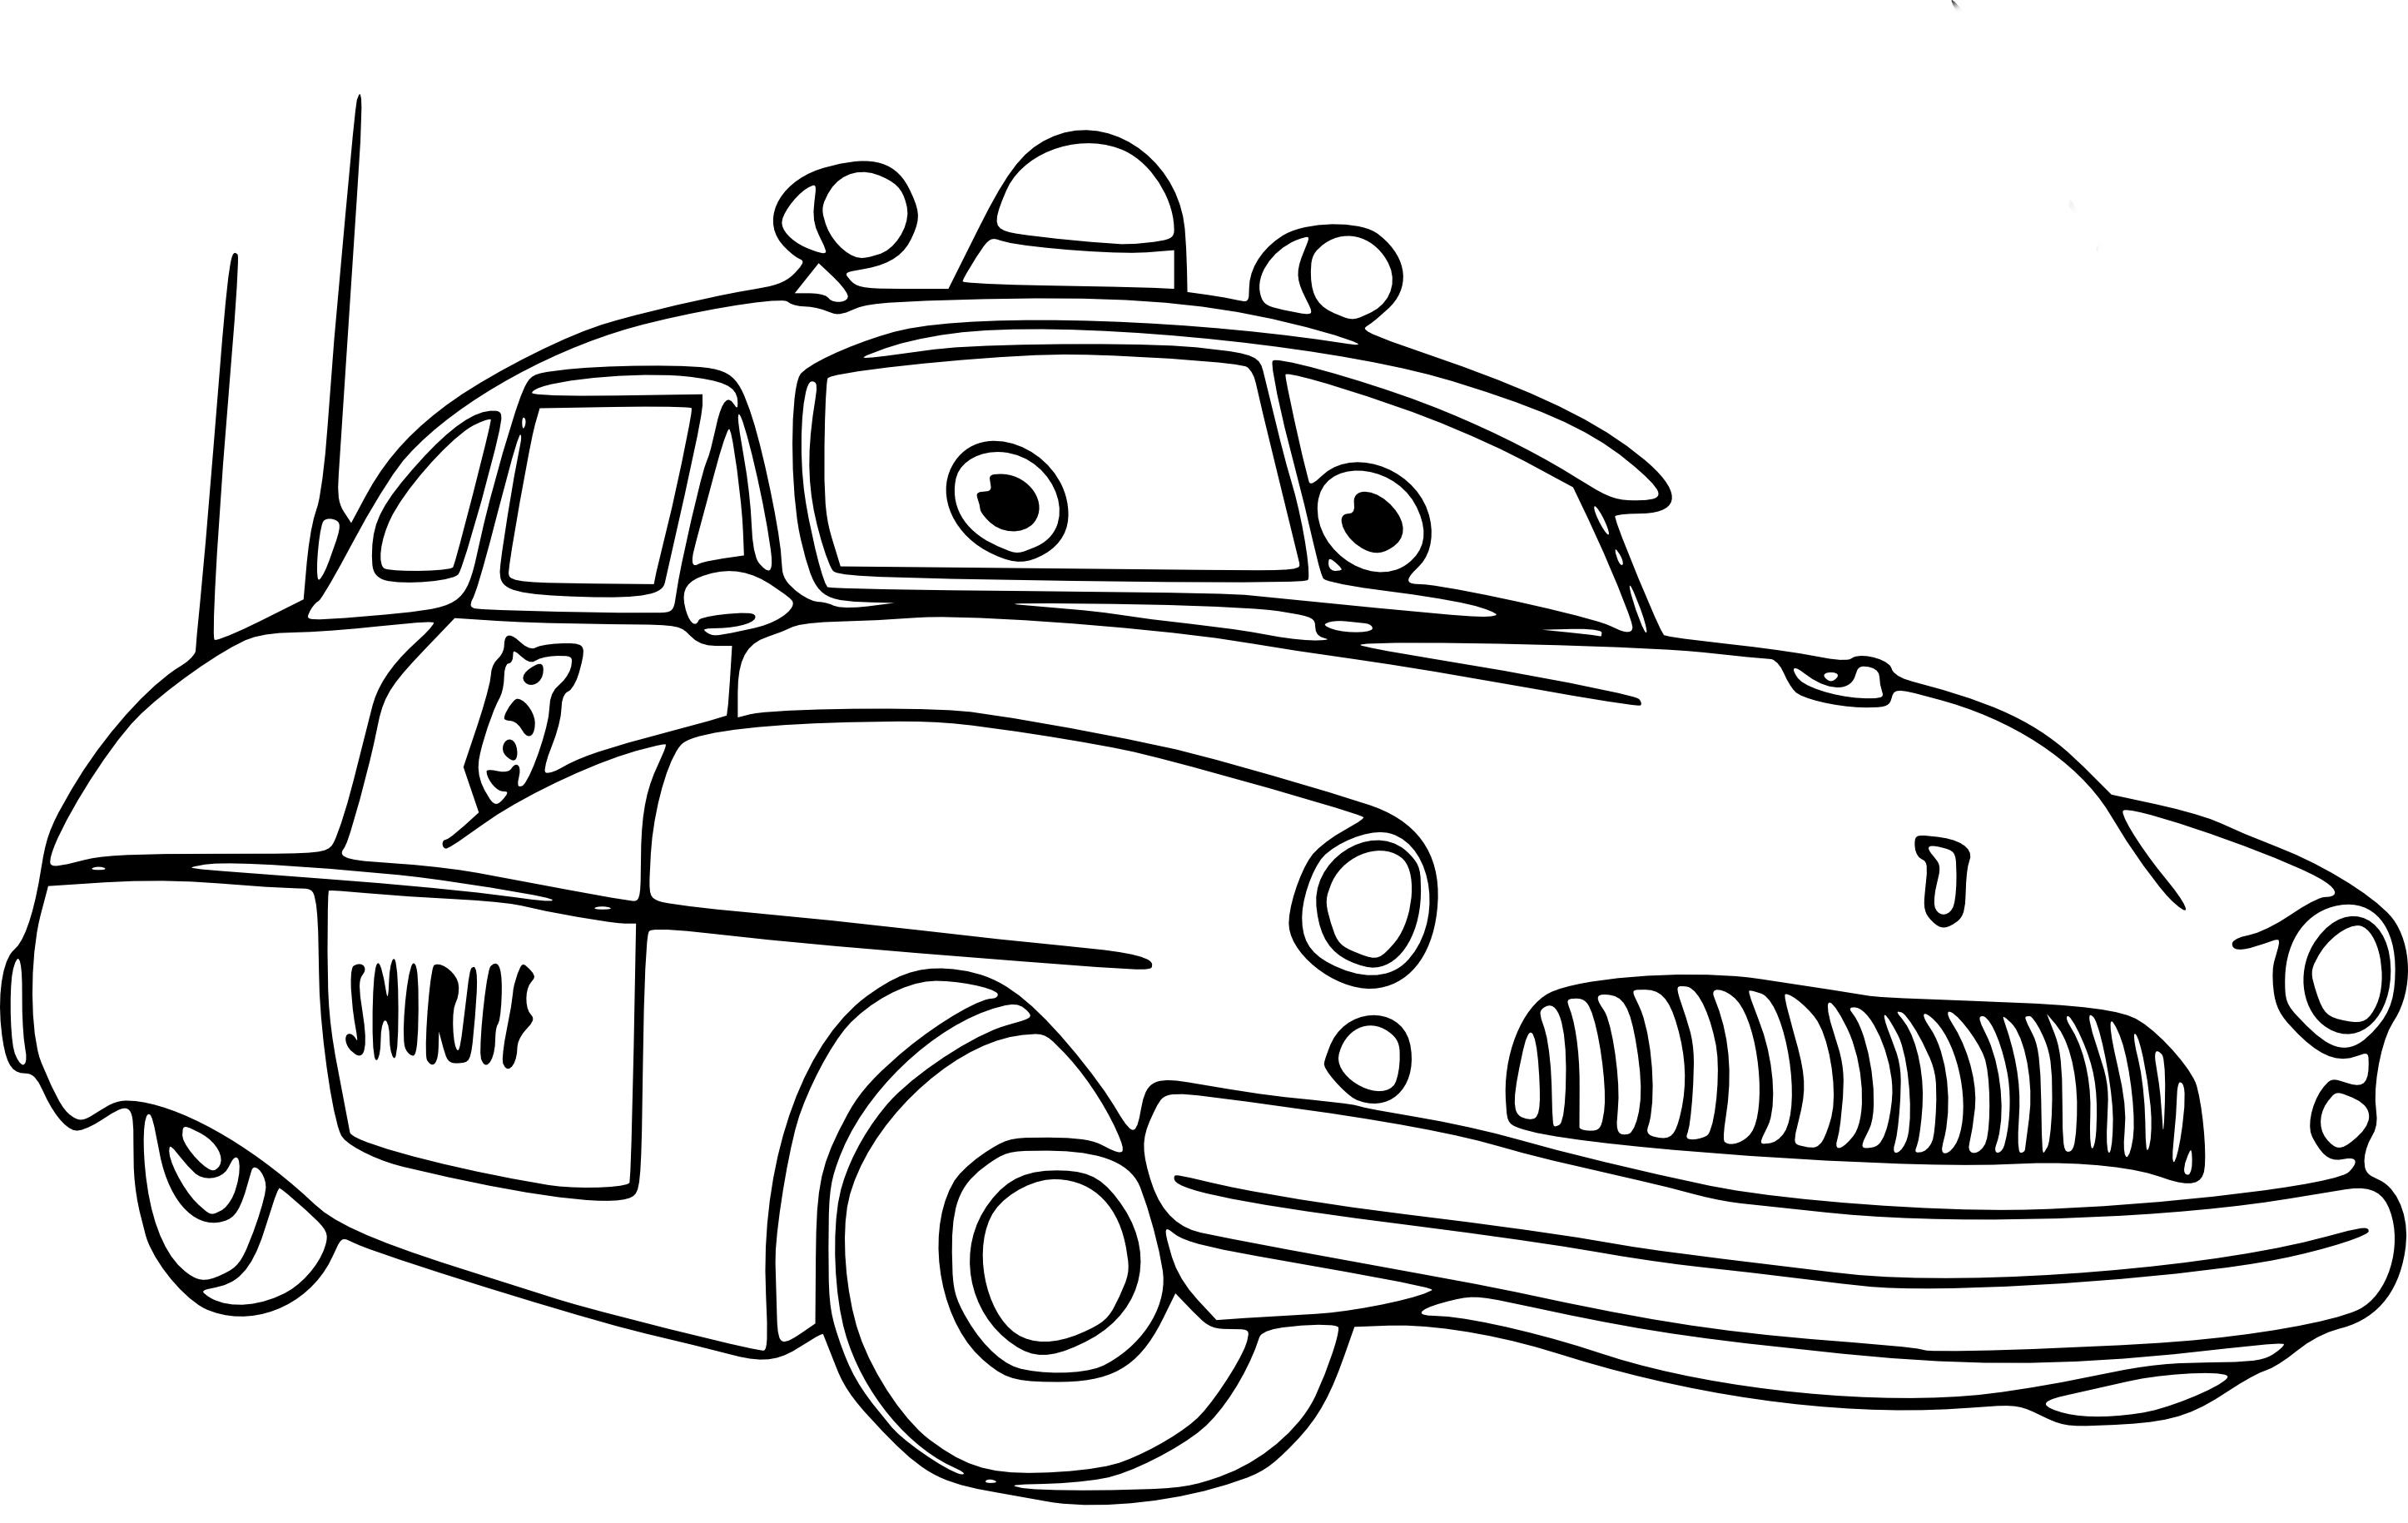 Coloriage Sheriff (Cars) À Imprimer Et Colorier tout Coloriage Cars À Imprimer Pdf